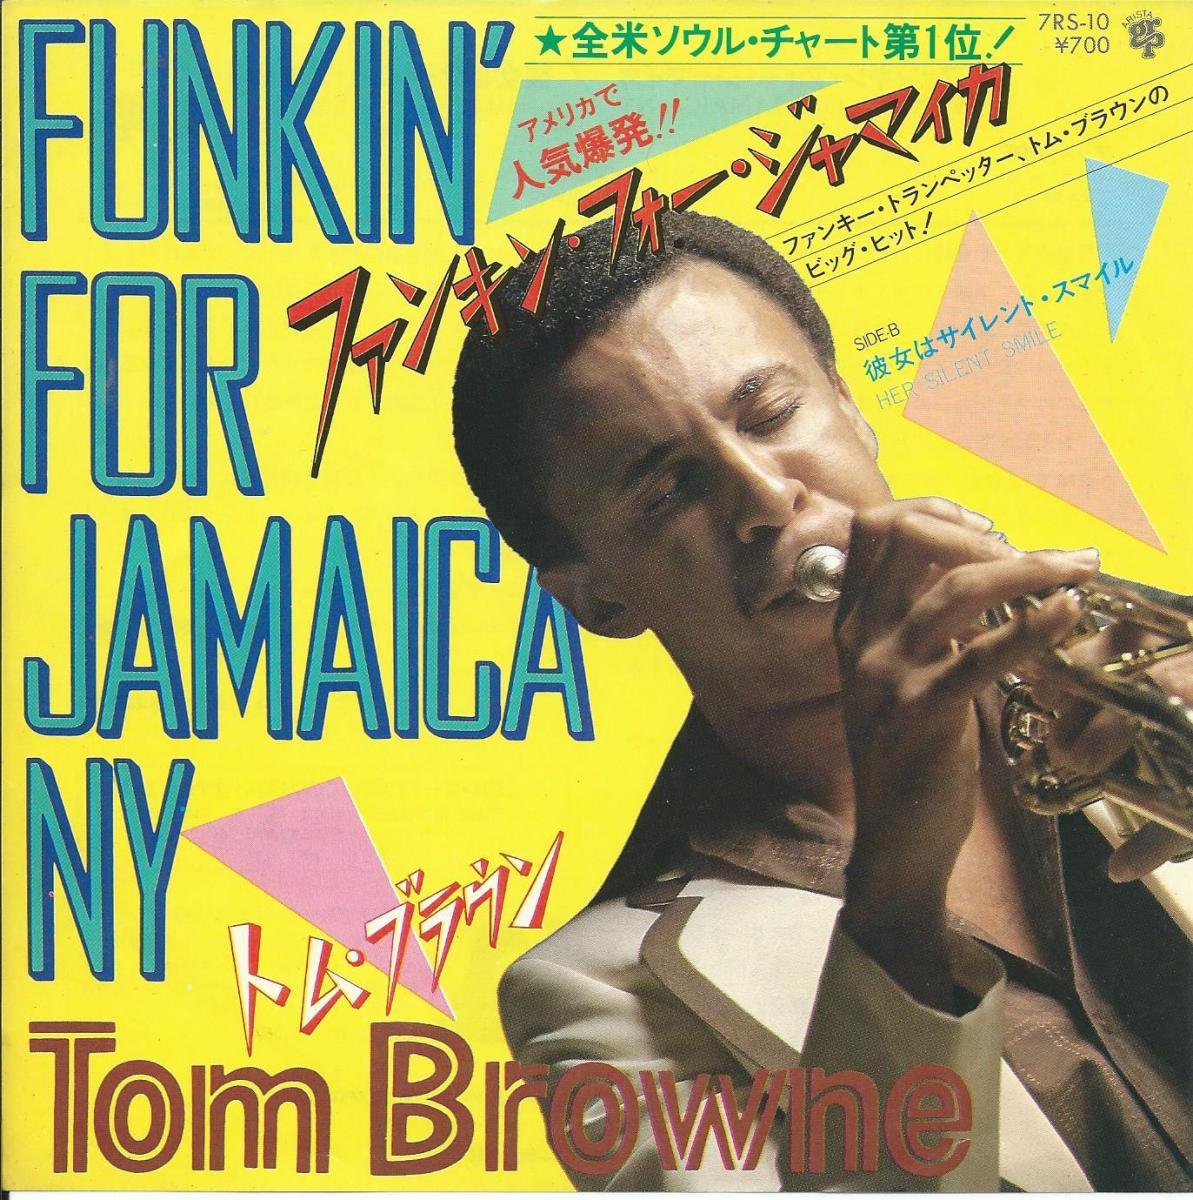 トム・ブラウン TOM BROWNE / ファンキン・フォー・ジャマイカ FUNKIN' FOR JAMAICA NY (7